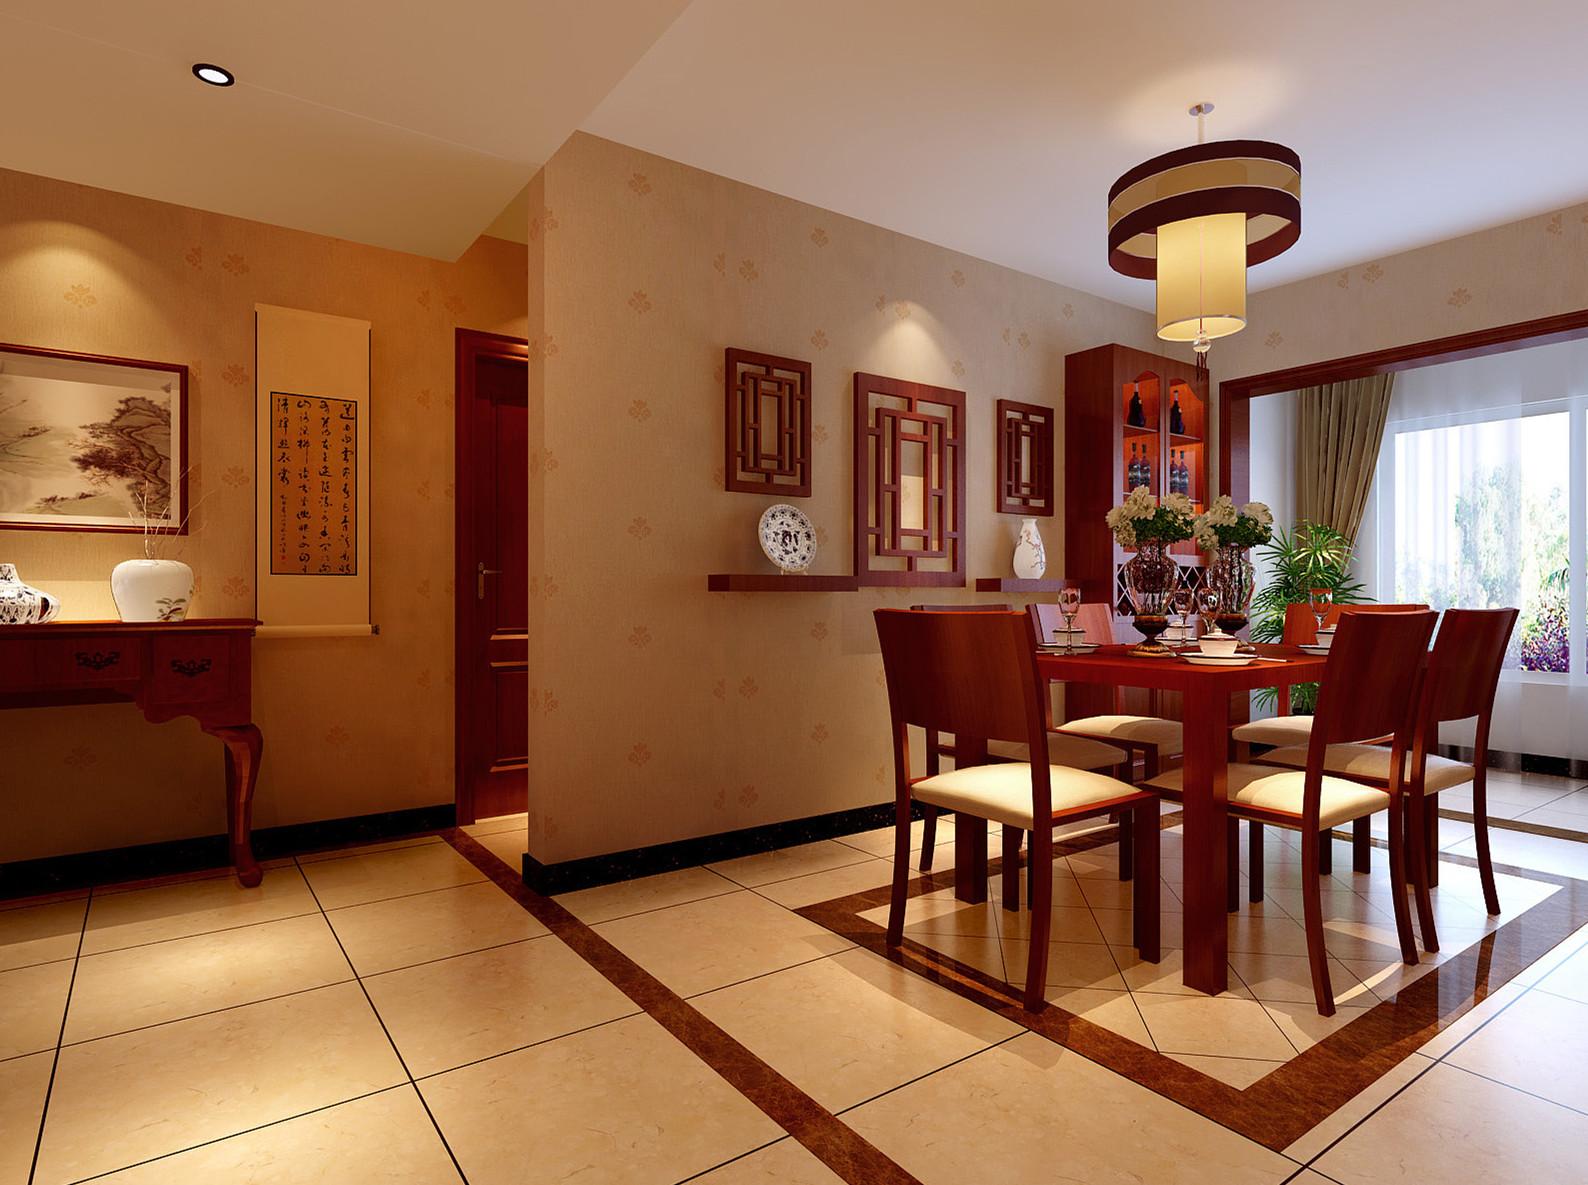 混搭 三居 白领 收纳 小资 80后 餐厅图片来自shichuangyizu在老房改造胜古北里中式韵味的分享